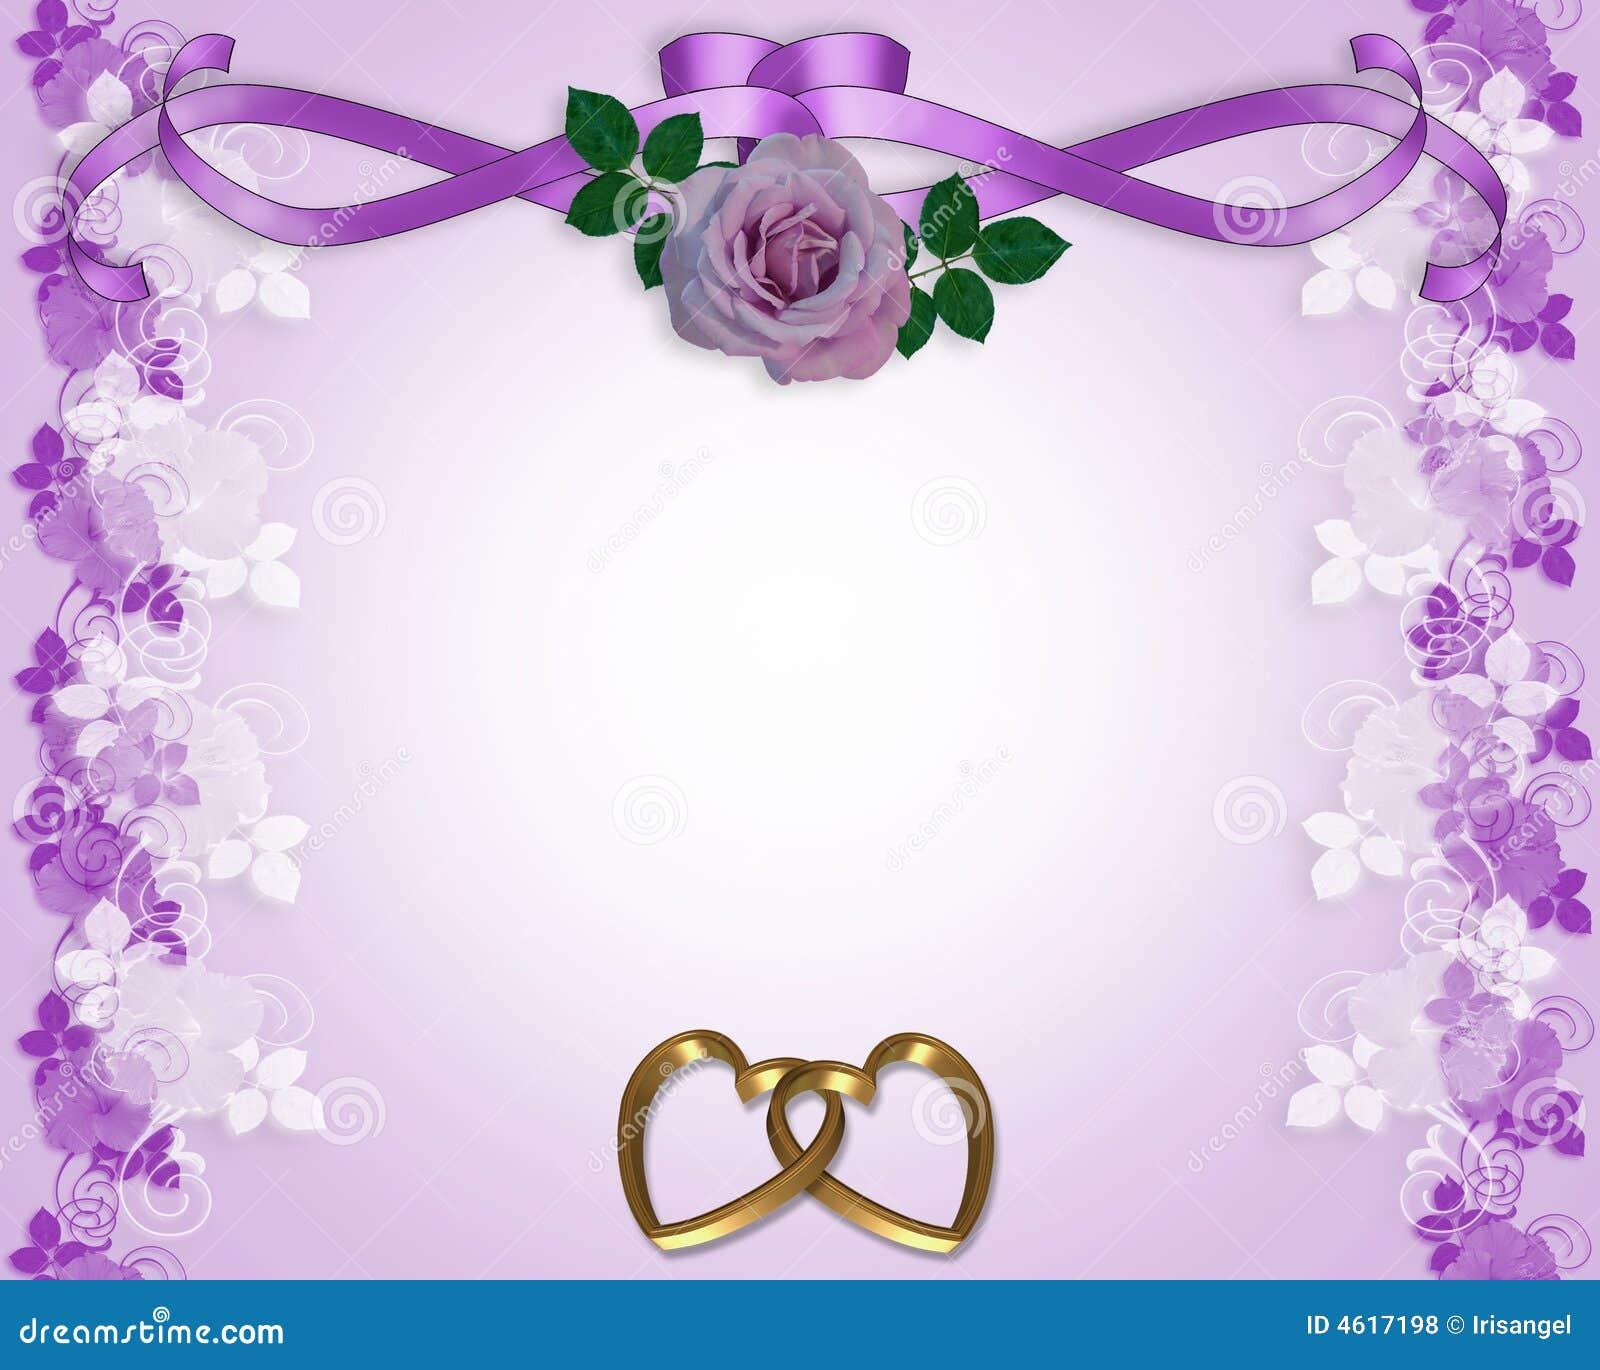 rose wedding invitation background - photo #18